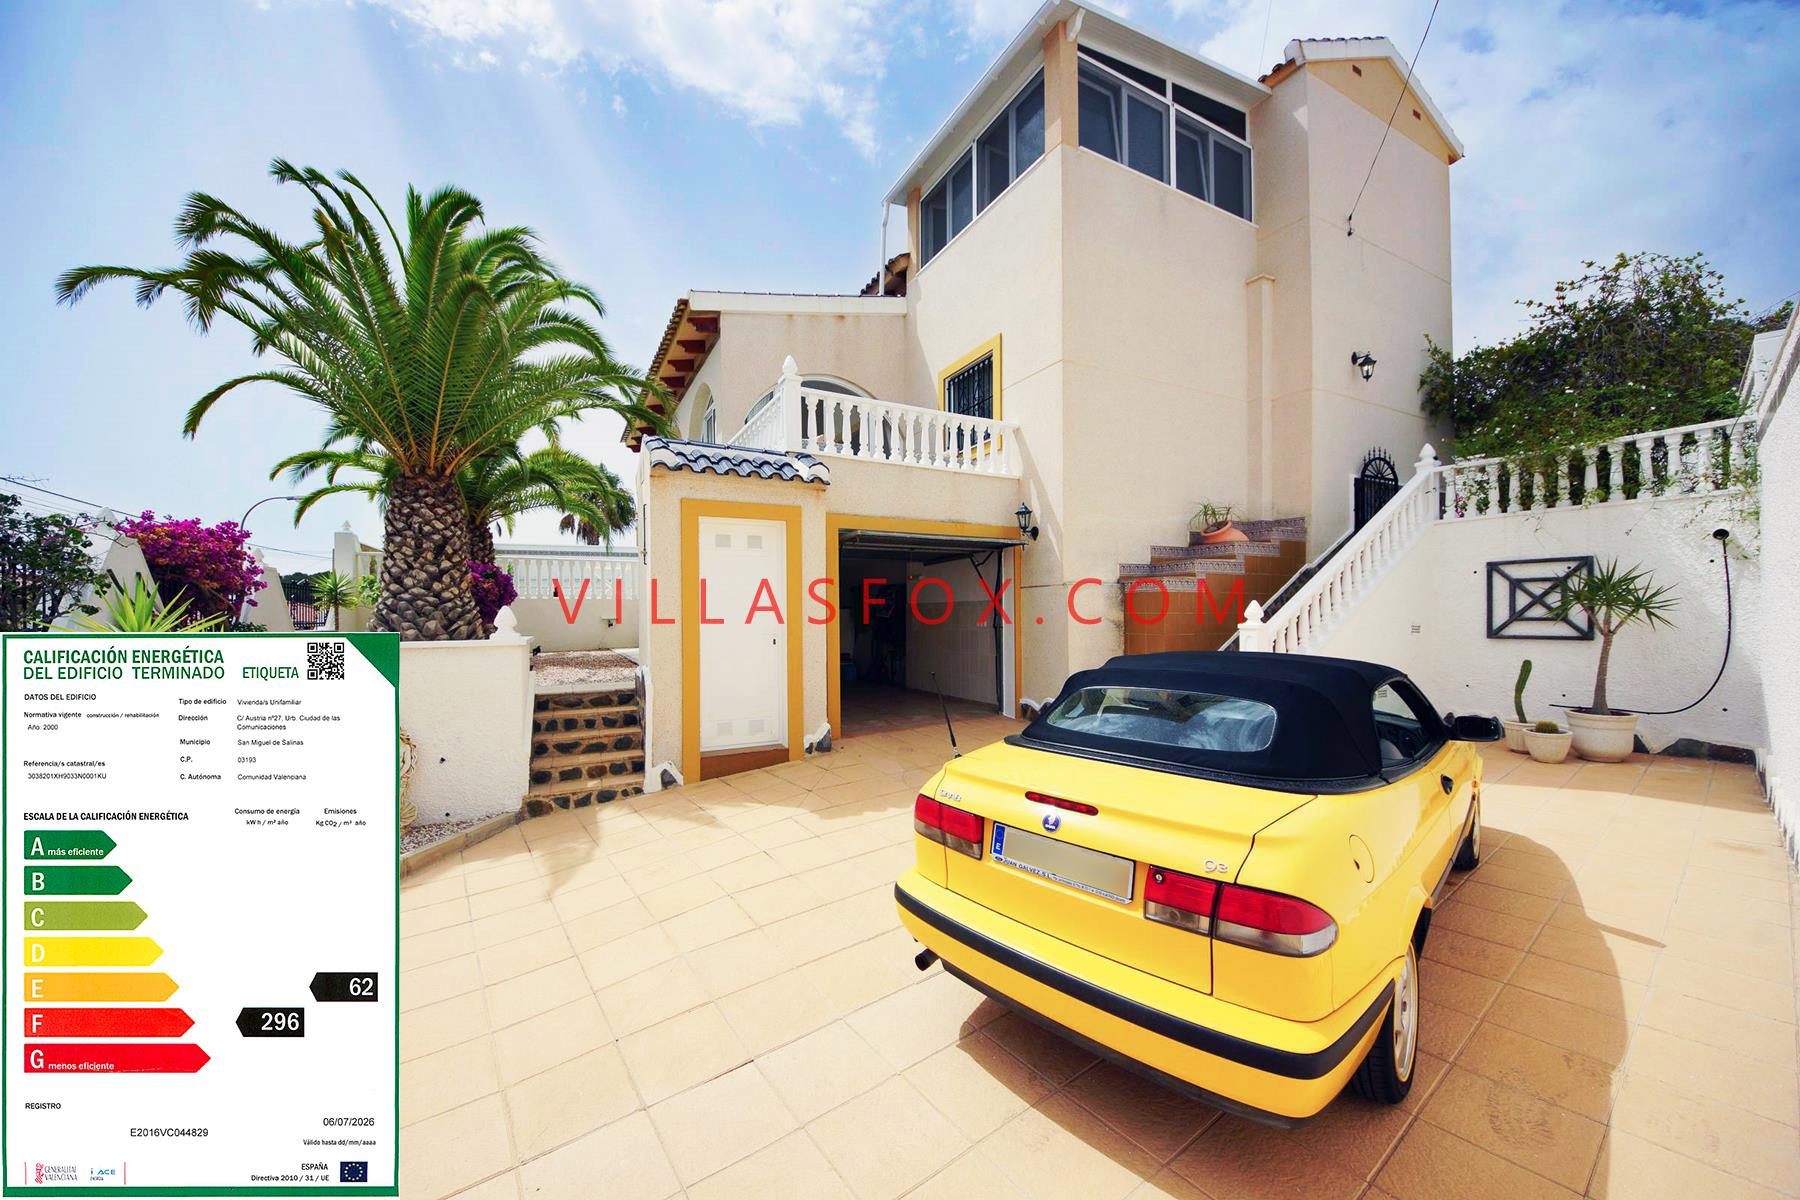 Vila separată de lux cu 4 dormitoare, cu piscină și garaj, San Miguel de Salinas